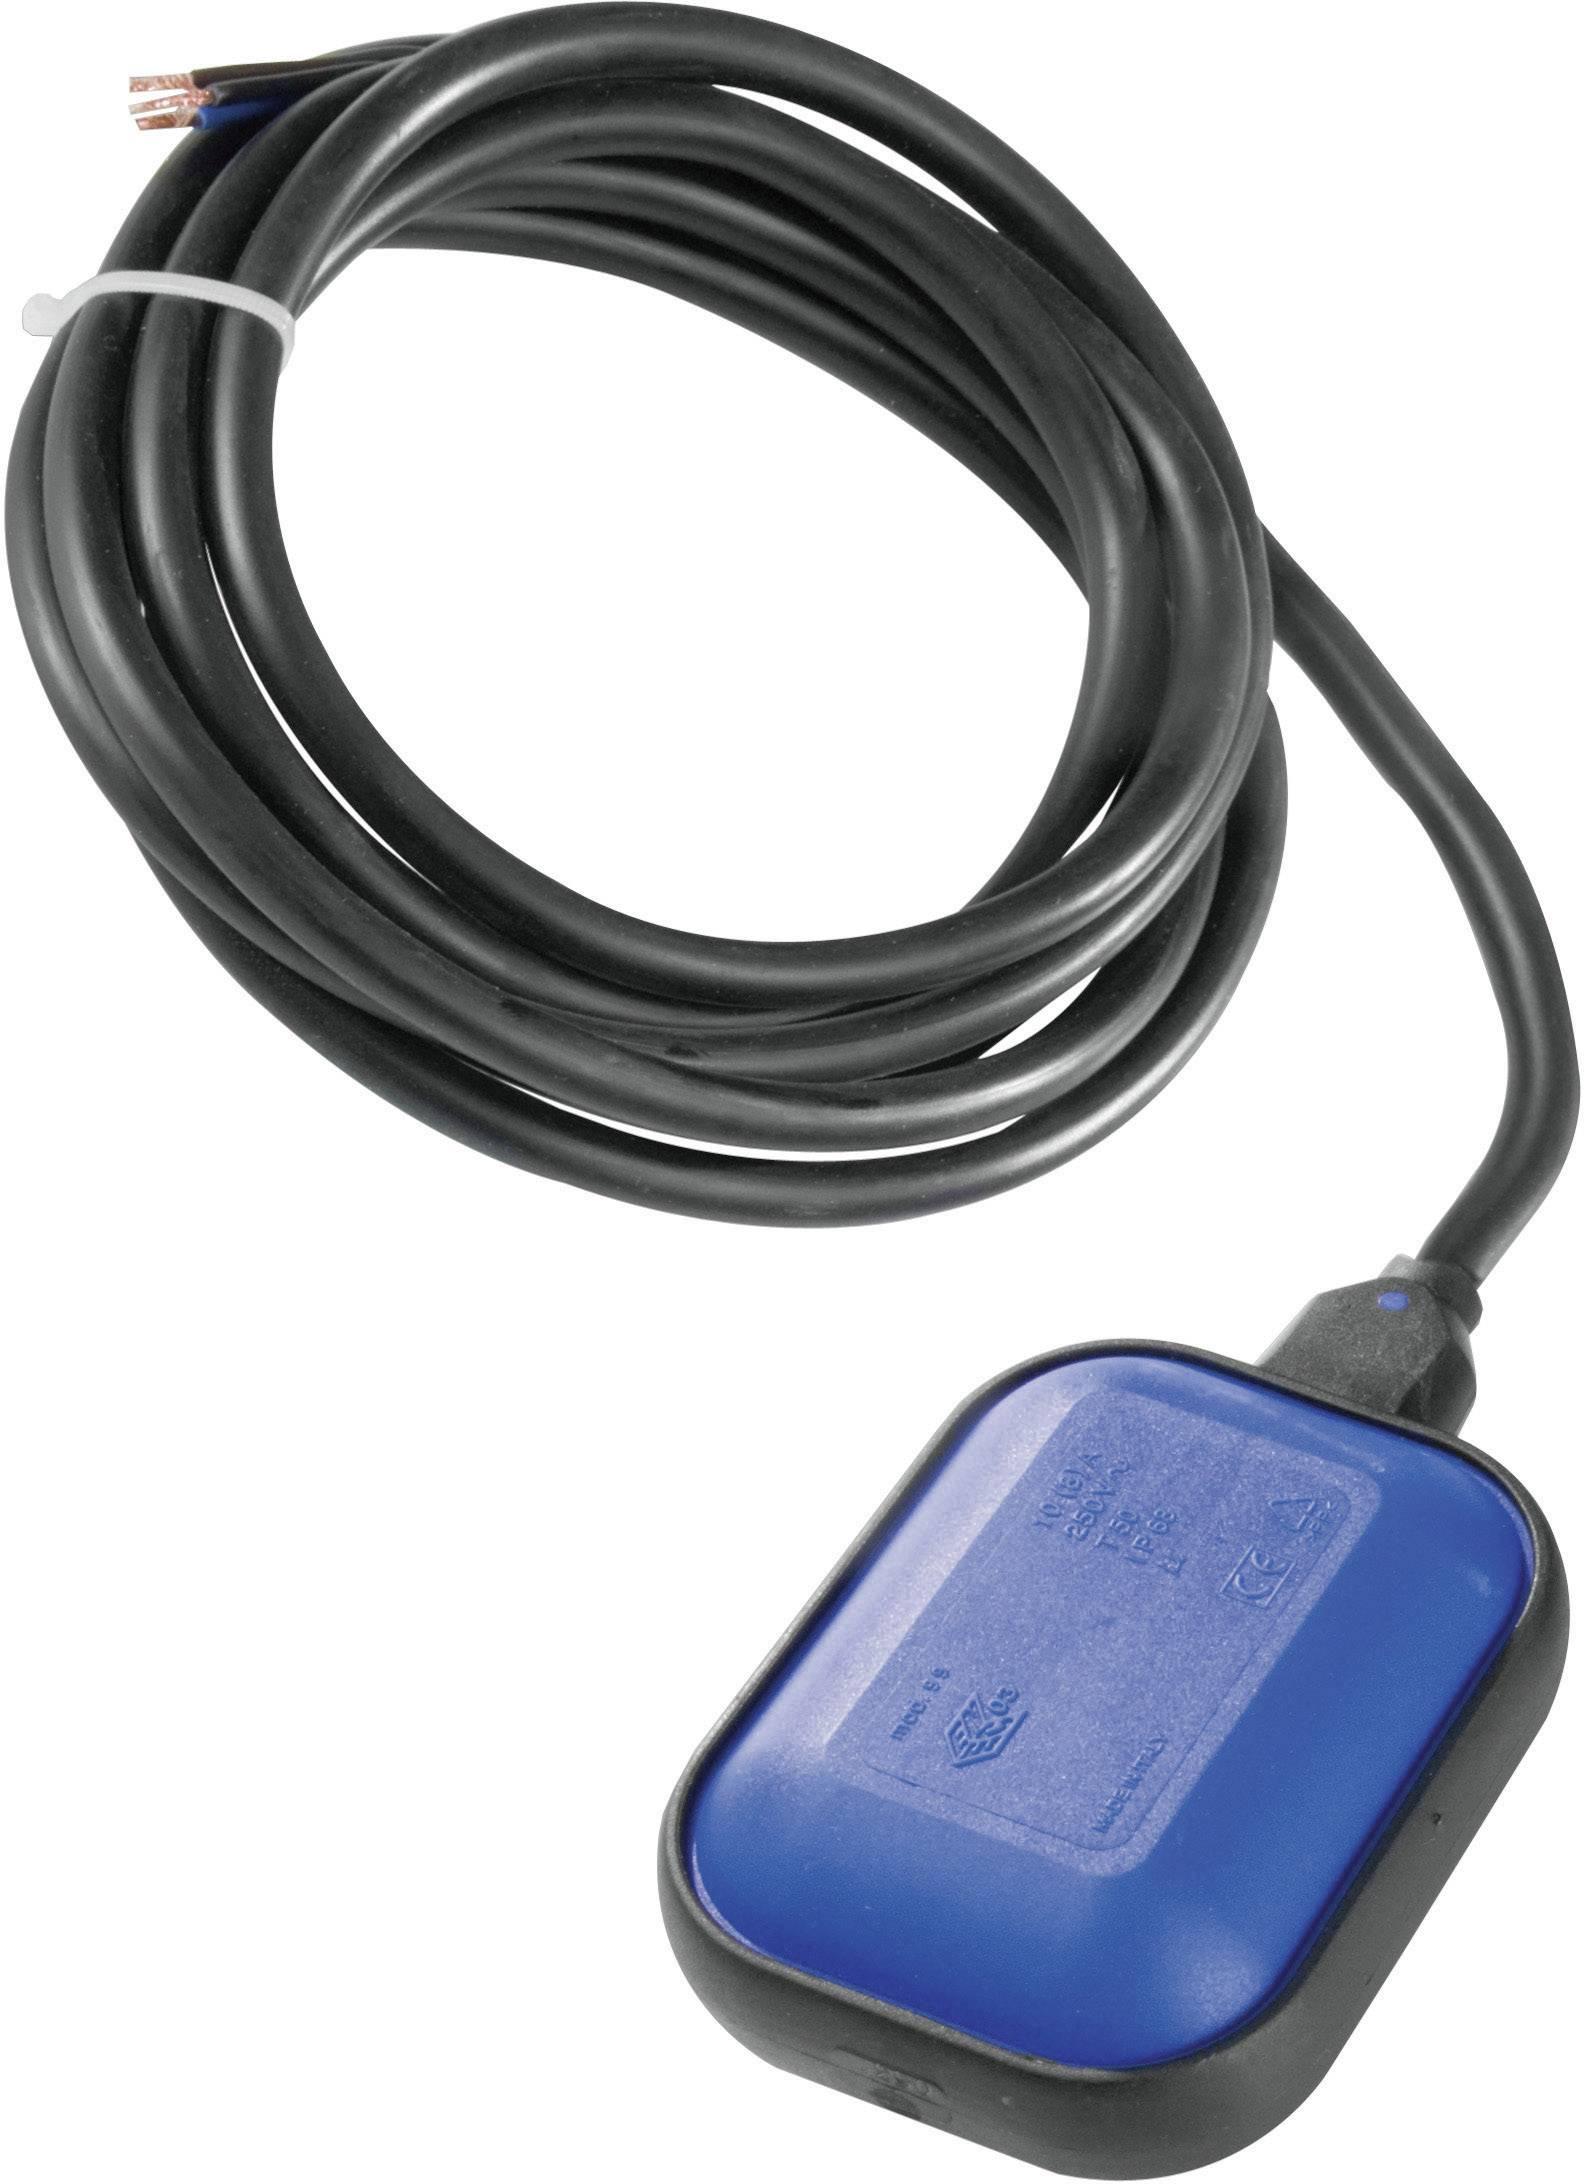 Plavákový spínač pre napúšťanie/vypúšťanie Wallair 1CLRLG02/5PVC, 5 m, modrý